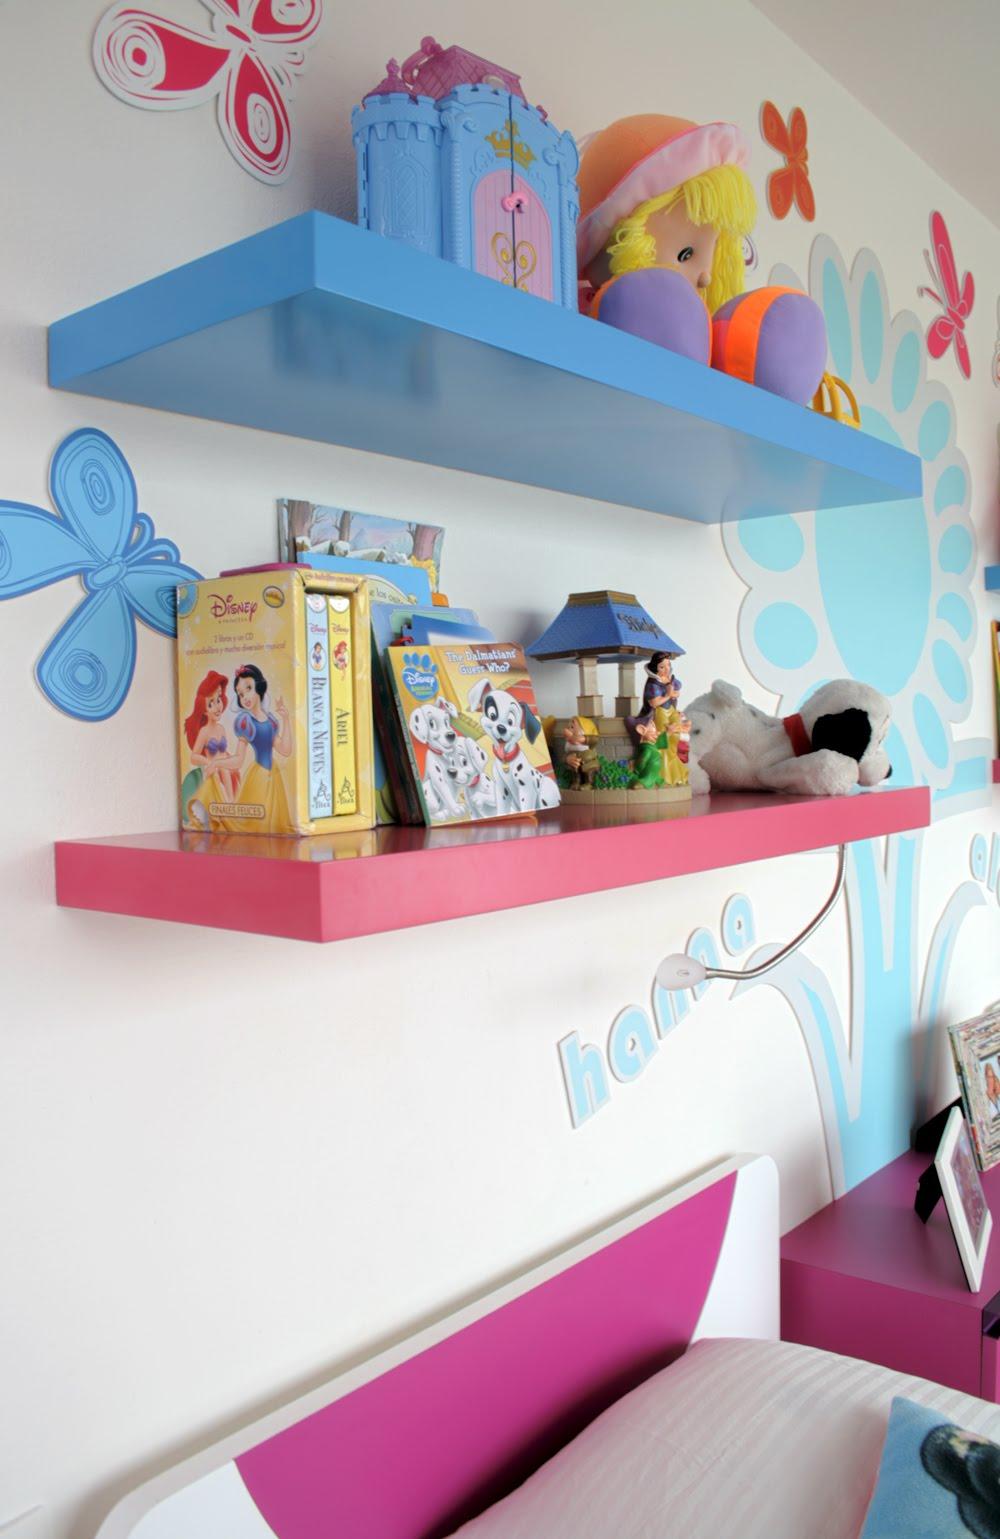 Cubo 3 taller de dise o muebles infantiles habitacion Disenos de dormitorios para ninas